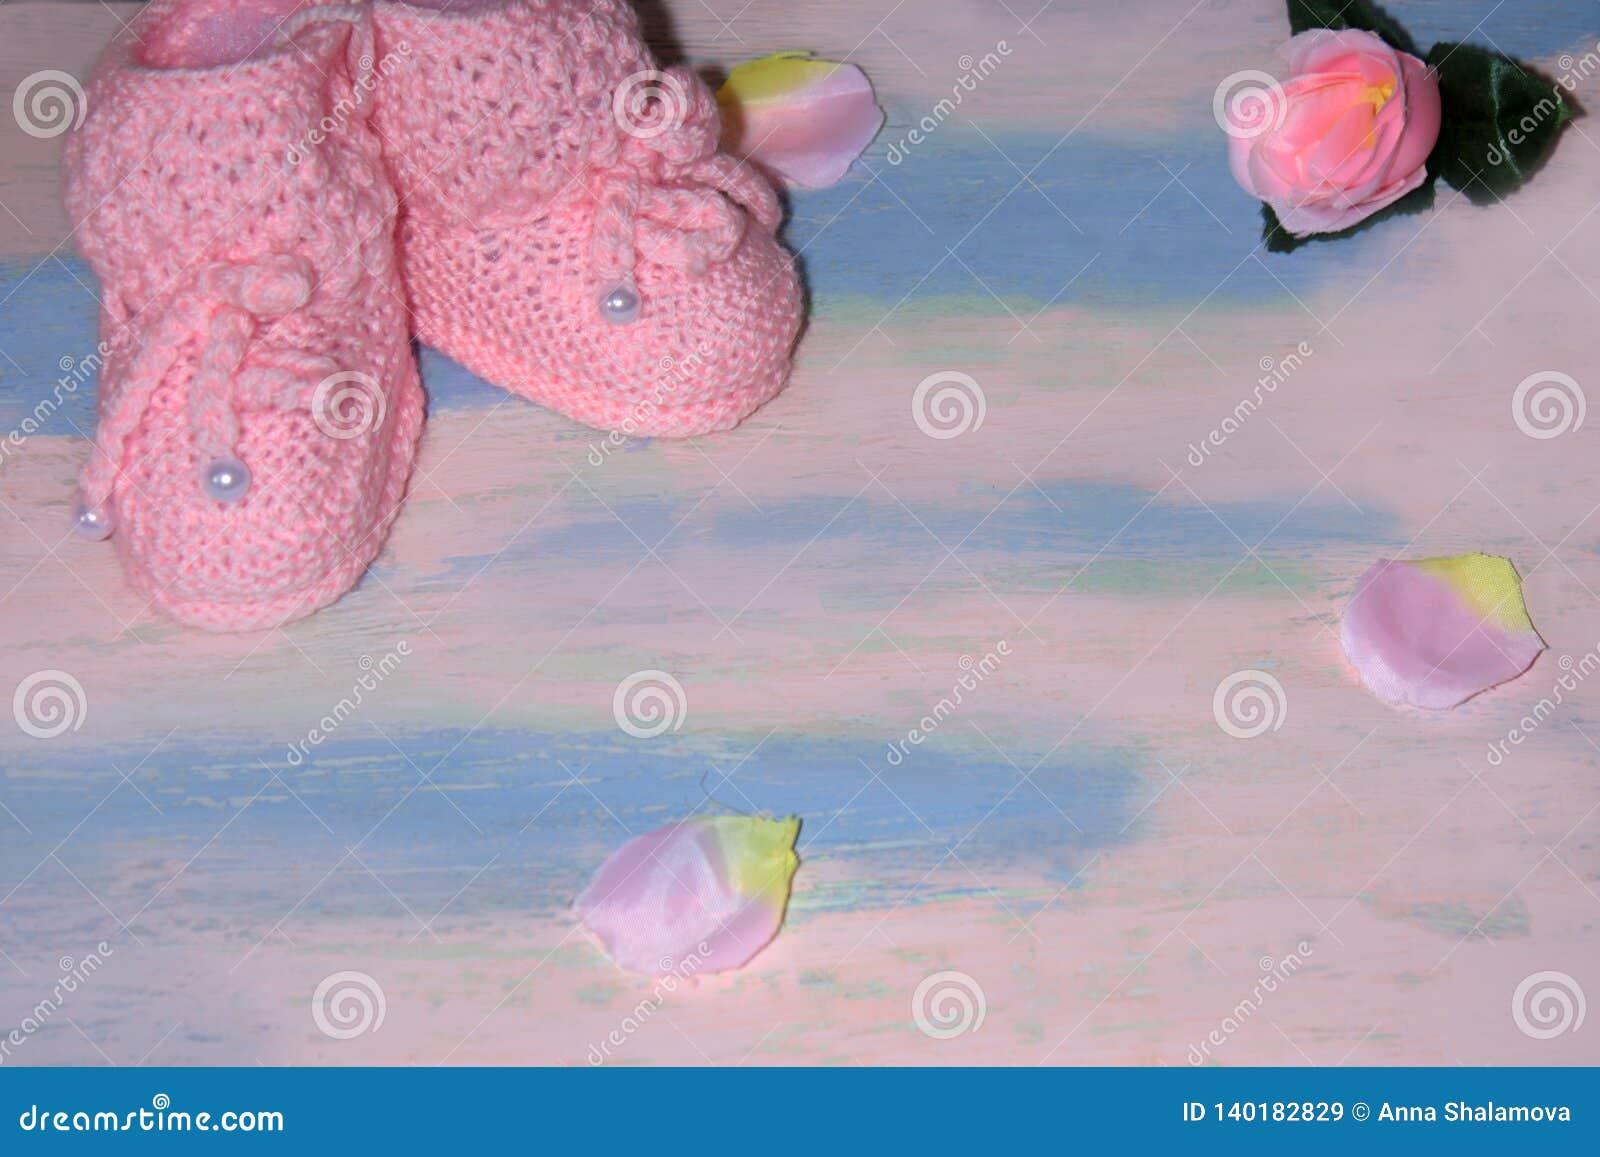 Το ροζ έπλεξε τις λείες παπουτσιών μωρών σε έναν ρόδινος-μπλε ξύλινο πίνακα με με τα ροδαλά πέταλα Νεογέννητη έννοια ανακοίνωσης